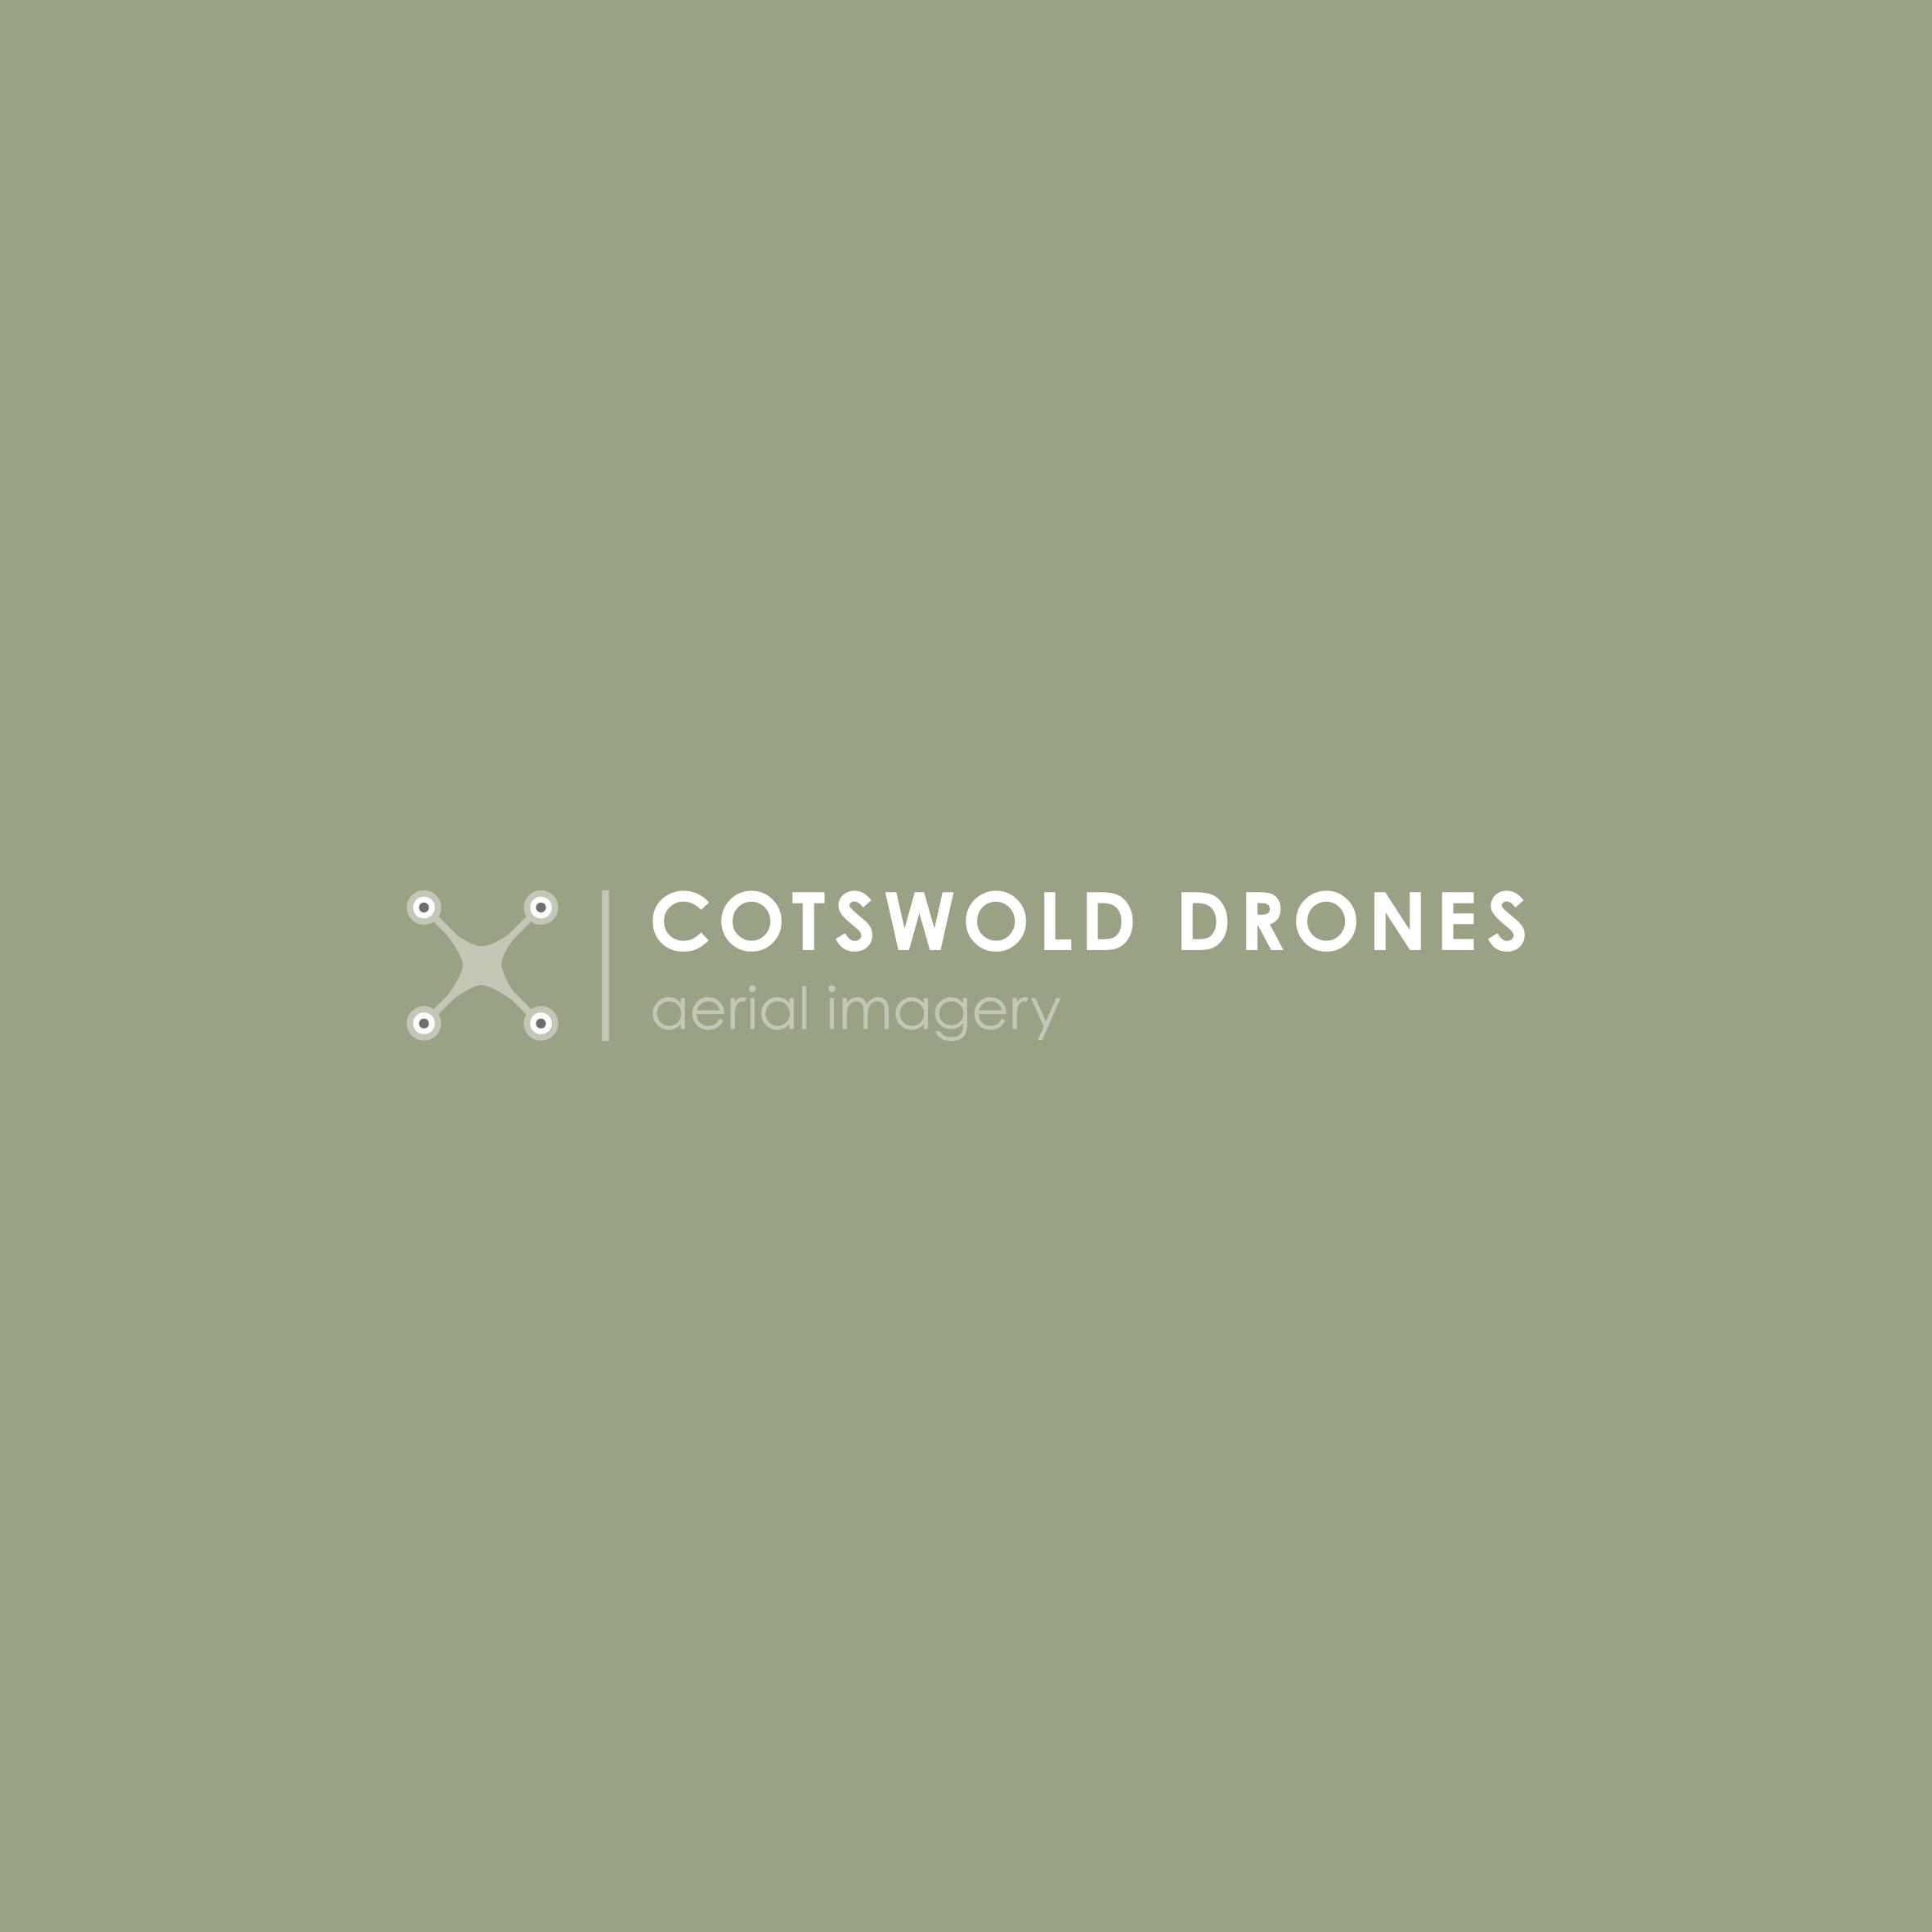 Cotswold Drones